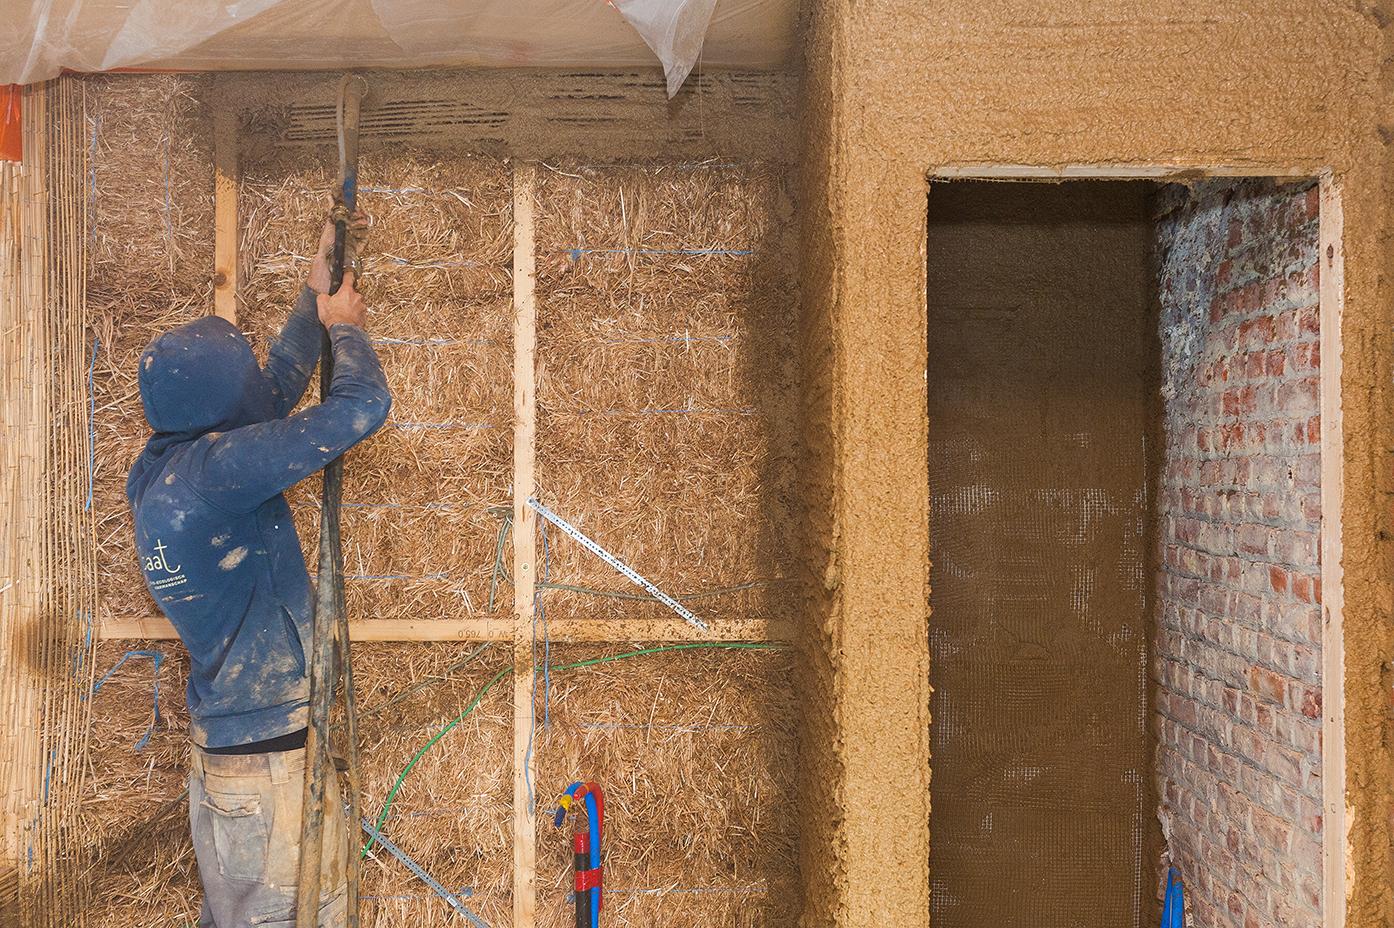 Rénovation d'une maison de maître avec de la paille et de l'argile